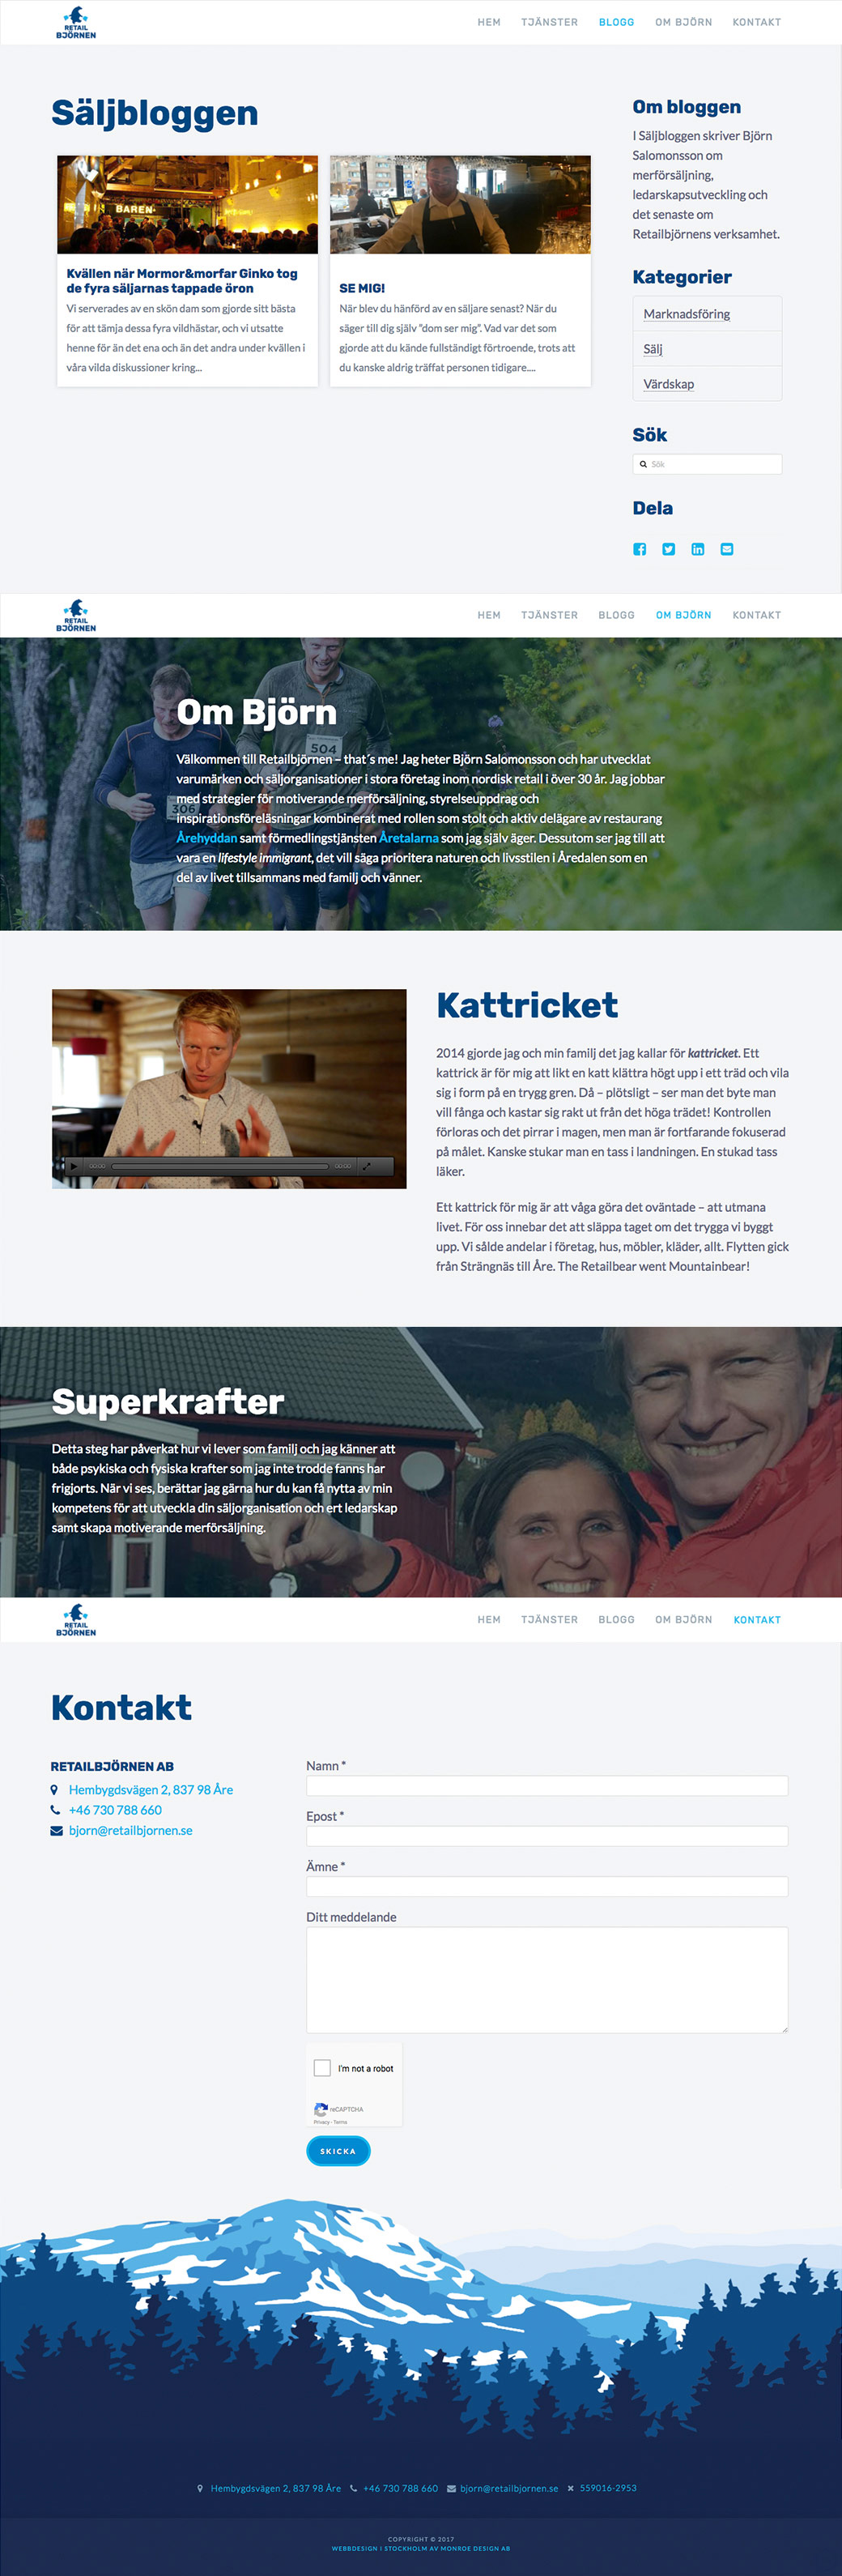 webbsida x betygsatt flickvän erfarenhet i Stockholm